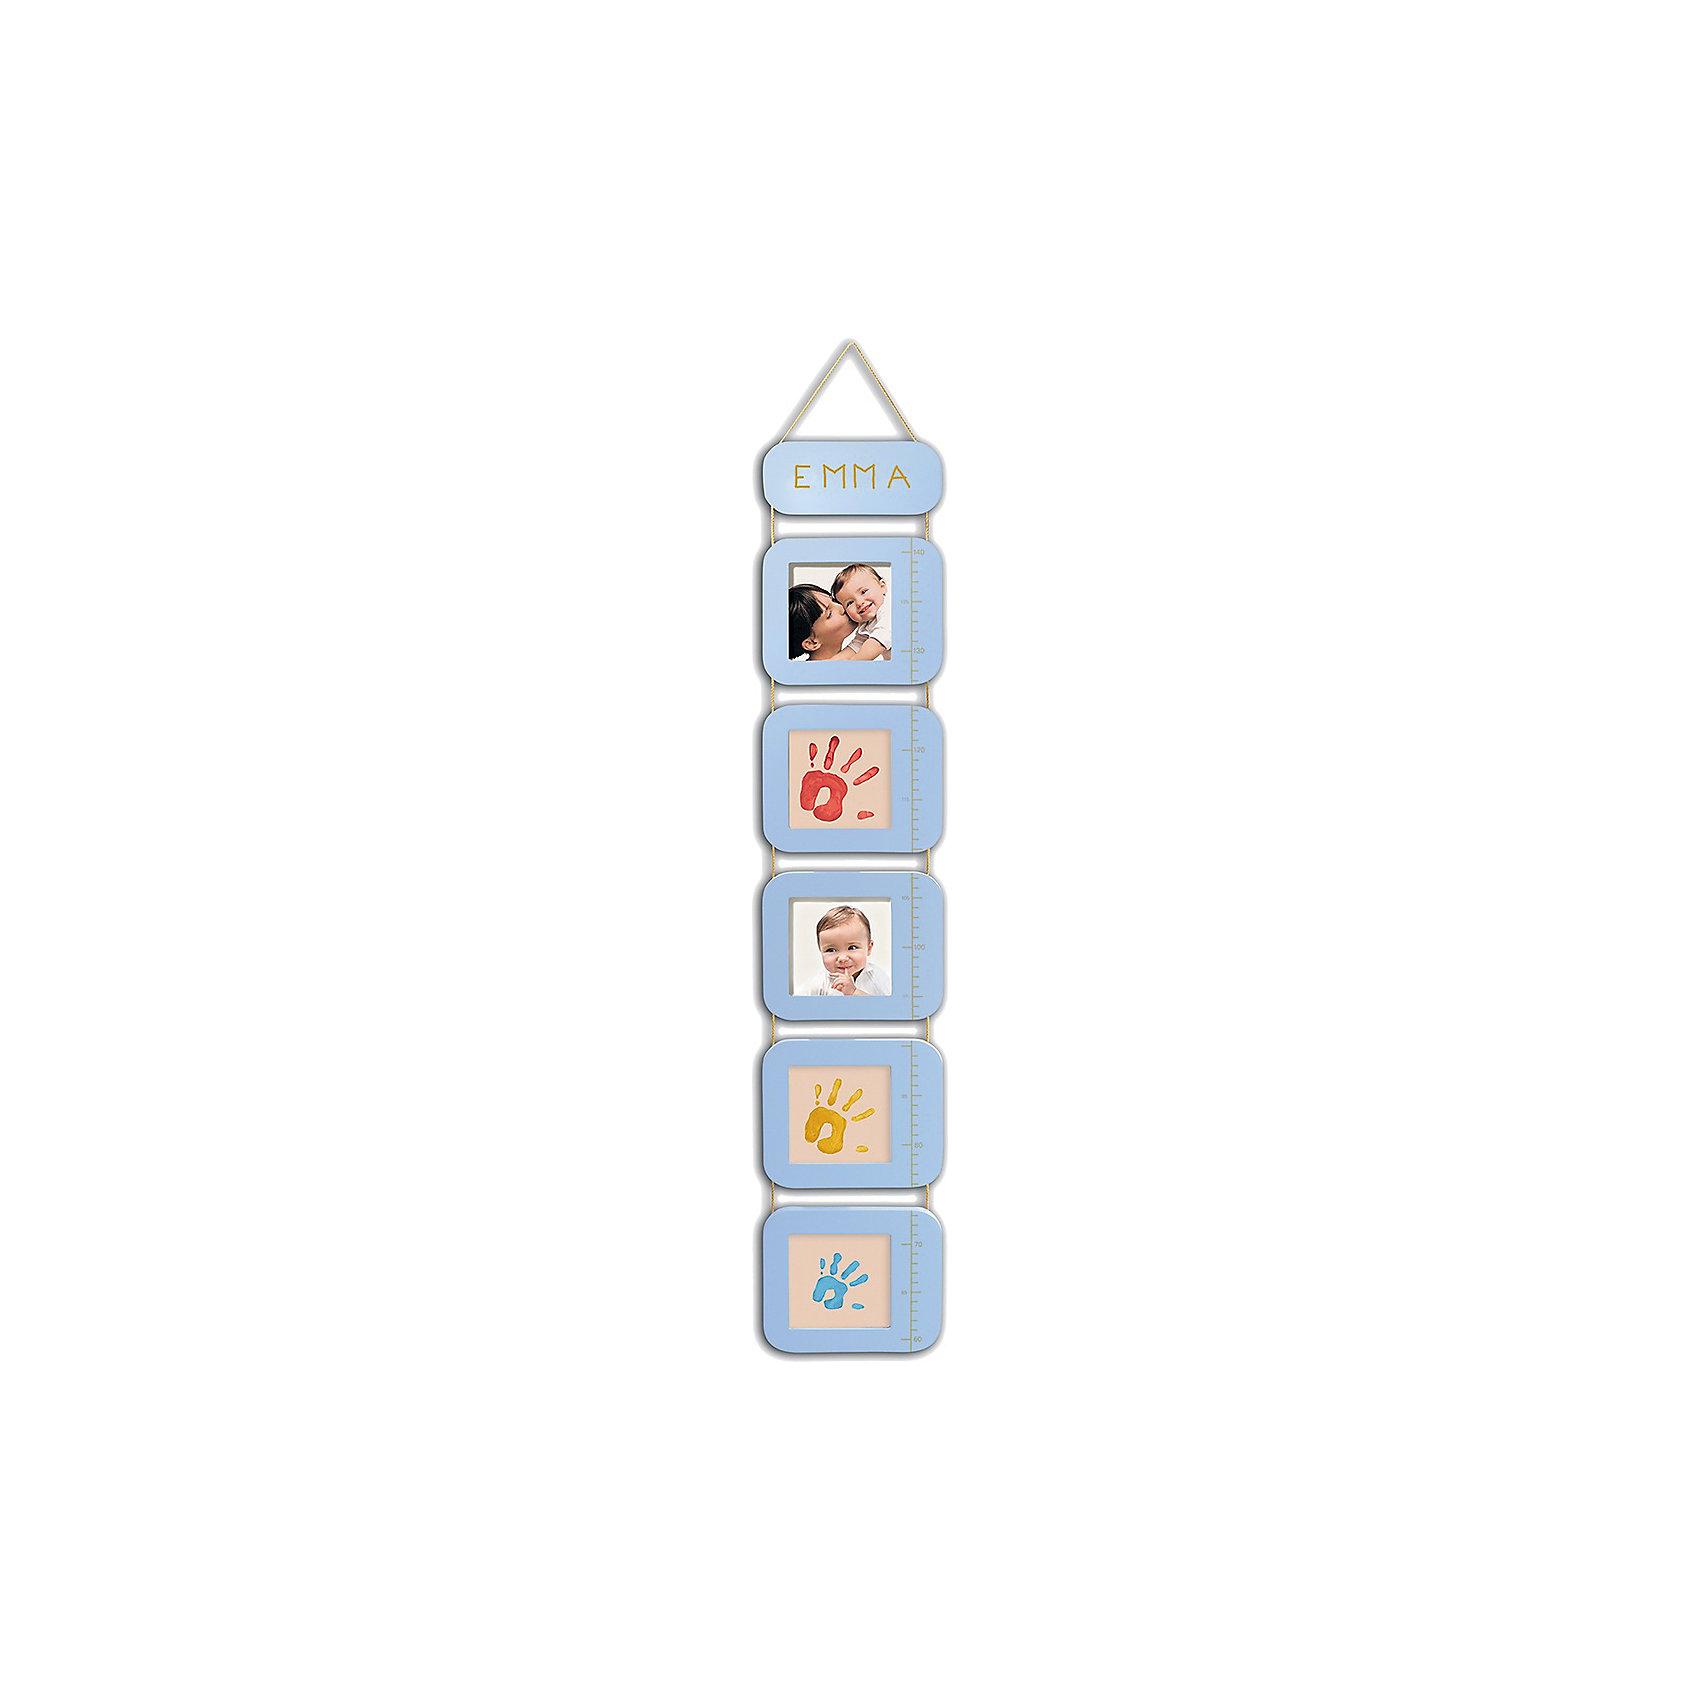 Ростомер с отпечатками, Baby ArtПомнить, как рос ваш малыш, как менялся, поможет ростомер Baby Art (Бейби Арт). Отпечатки ручек и ножек размещаются на ростомере, между ними ставятся фотографии крохи. Пером с золотистым цветом чернил можно сделать красивую подпись к слепку, где будет указано имя малыша, дата создания отпечатка, рост ребенка. <br><br>Процесс создания отпечатка:<br>• из тюбика жидкая основа наносится на ладошку малыша и на каждый пальчик;<br>• специальным роллером основа распределяется по всей поверхности ладошки или стопы ребенка;<br>• ставится отпечаток на одном из окошек ростомера;<br>• готовый отпечаток оставляют на свежем воздухе для сушки;<br>• золотистыми чернилами делают подпись;<br>• в рамки вставляются фотографии малыша.<br>Комплектация набора:<br>• ростомер с окошками для фотографий и отпечатков ручек и ножек;<br>• жидкая основа в тюбиках;<br>• роллер, перо;<br>• инструкция. <br>Ростомер, Baby Art, можно купить в нашем интернет-магазине.<br><br>Ширина мм: 320<br>Глубина мм: 65<br>Высота мм: 185<br>Вес г: 1500<br>Возраст от месяцев: 0<br>Возраст до месяцев: 84<br>Пол: Унисекс<br>Возраст: Детский<br>SKU: 4986118